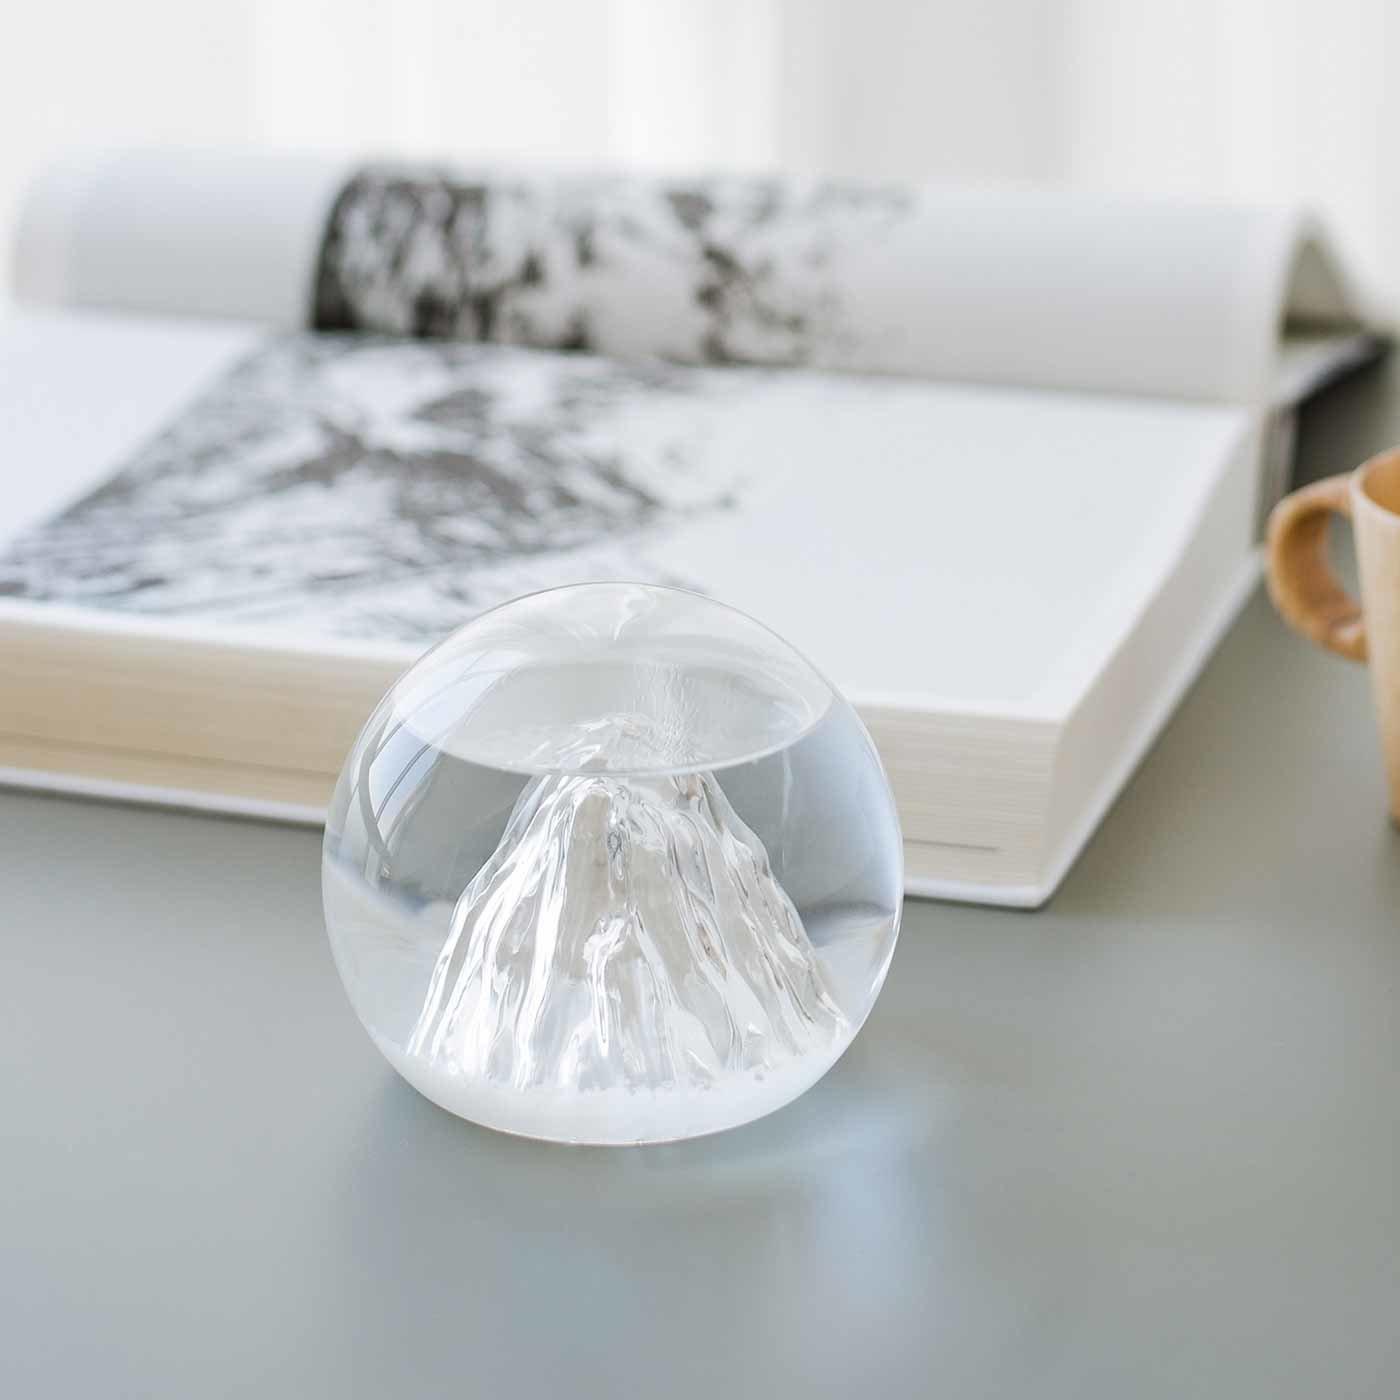 天気によって結晶が変化する 雲海から山頂がのぞくストームグラス